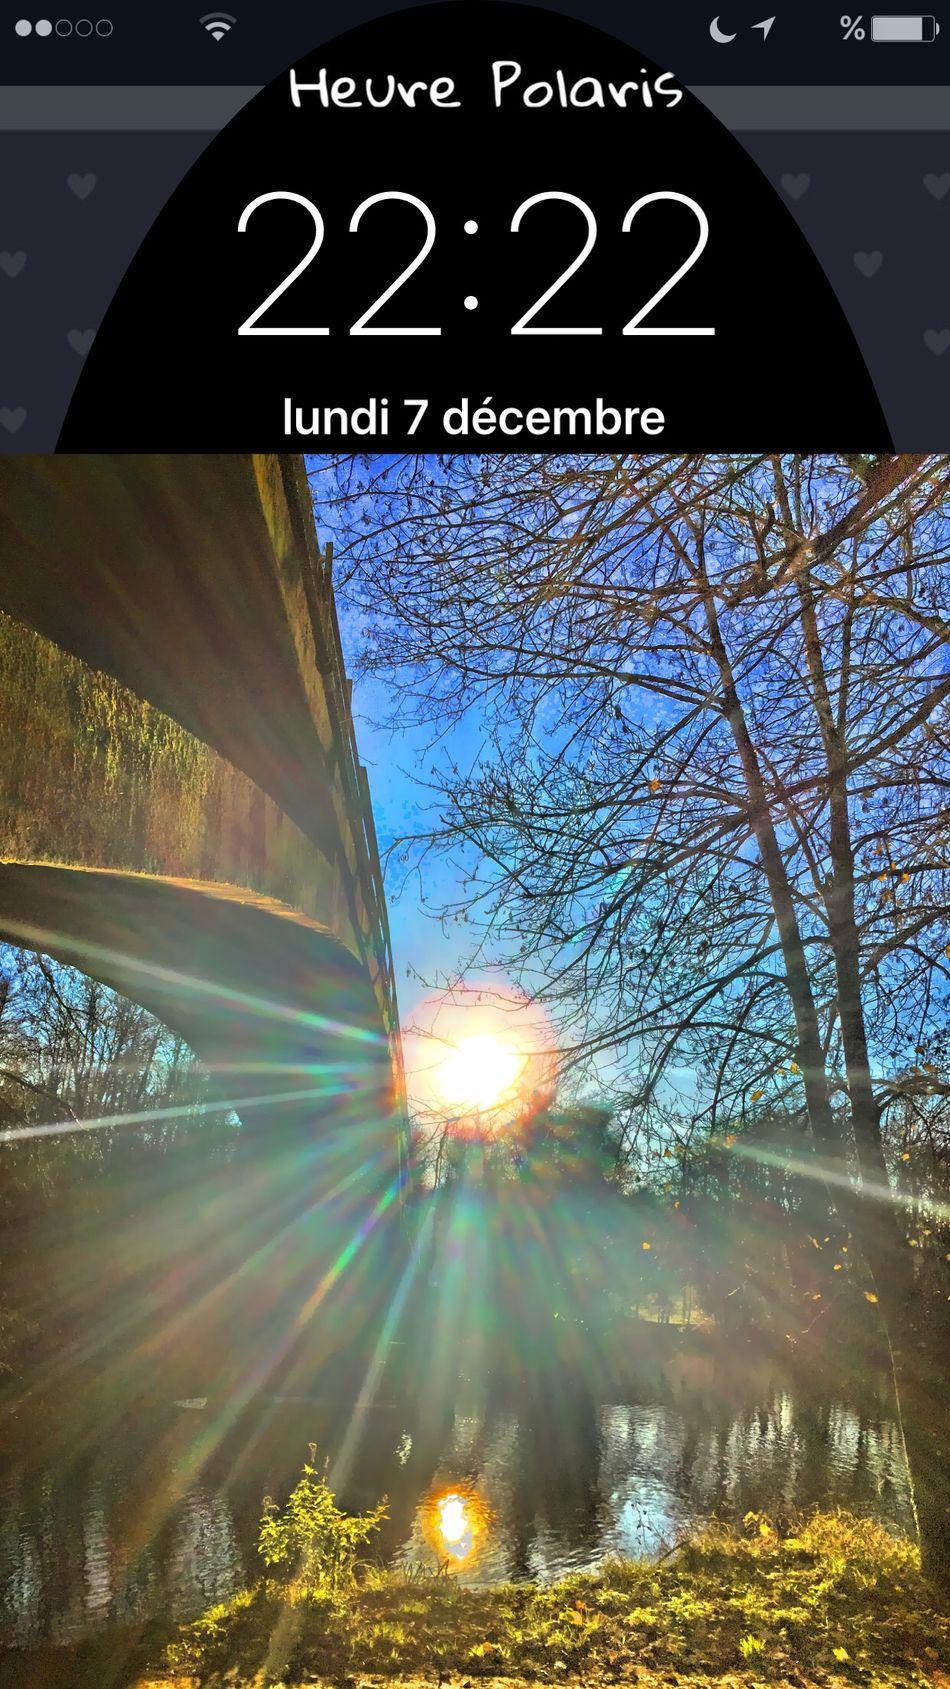 22H22 HEURE POLARIS Soleil Sun Time Clock Hour Heure Au Bord De L'eau Charente Nature En Balade Balade Pont Sky Ciel Skyfie CIELFIE Sur Les Chemins Sur Le Chemin